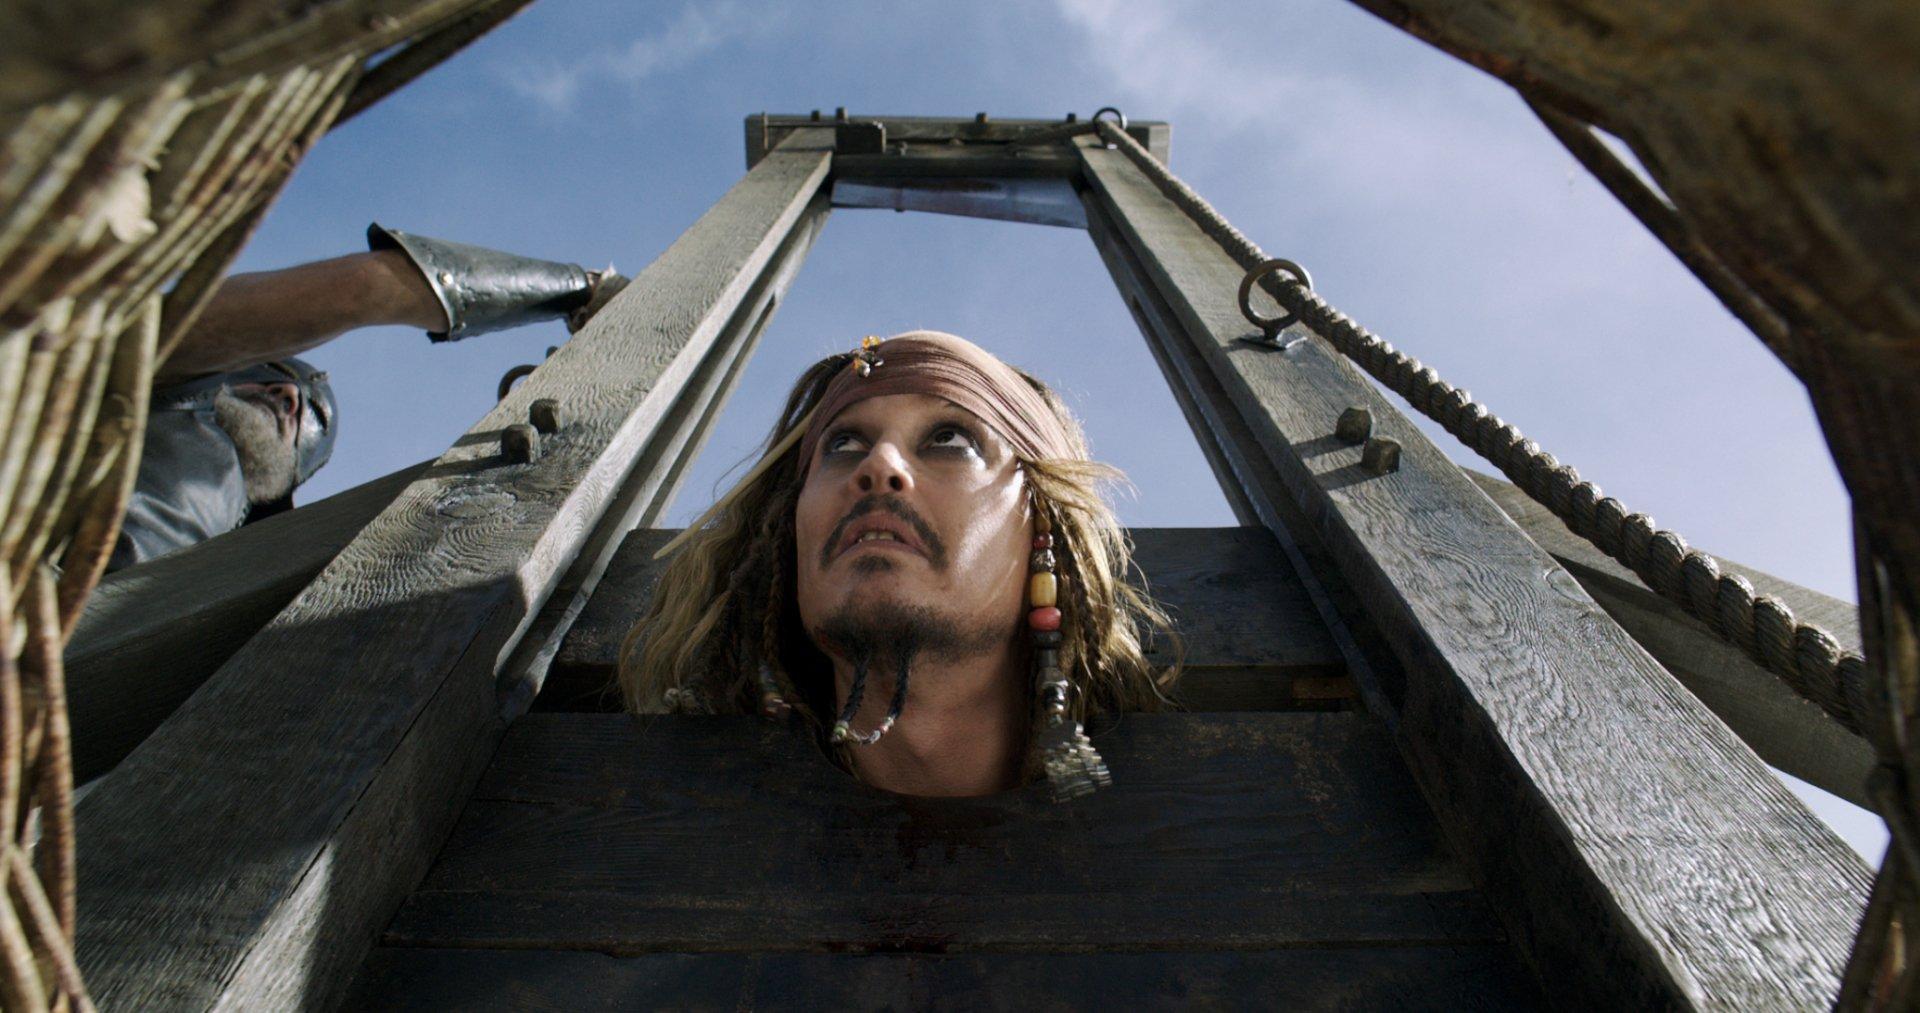 加勒比海盜5:死無對證 高清壁紙 | 桌面背景 | 2048x1080 | ID:859753 - Wallpaper Abyss